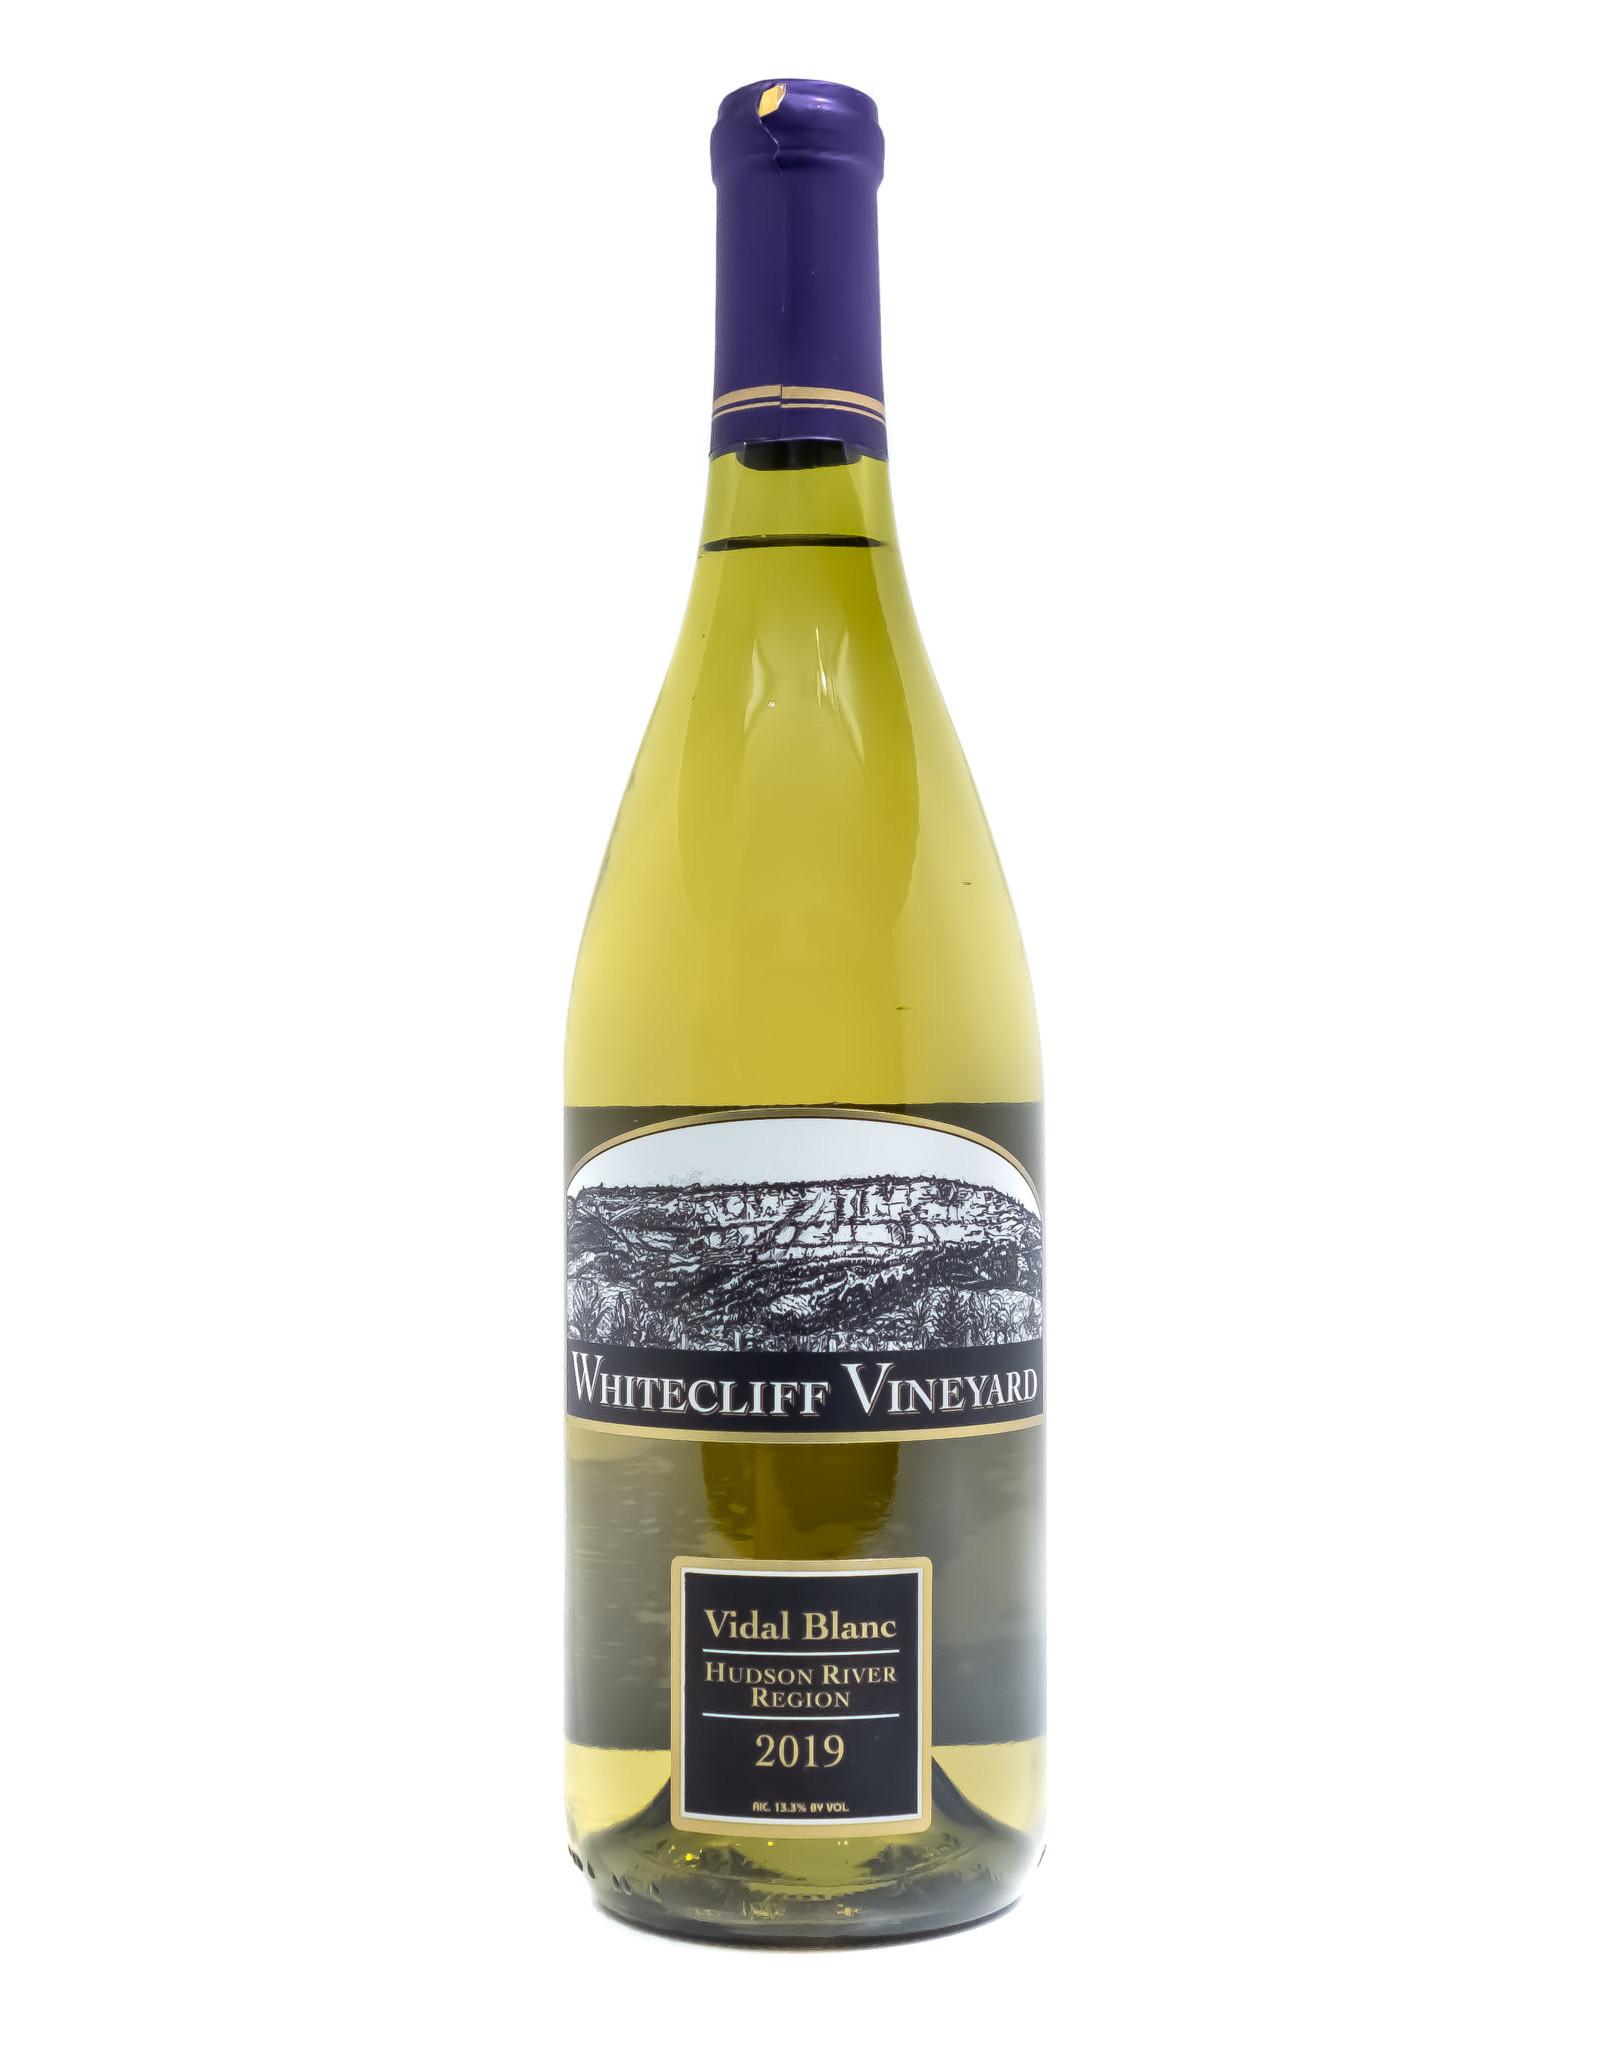 USA Whitecliff Vineyard Vidal